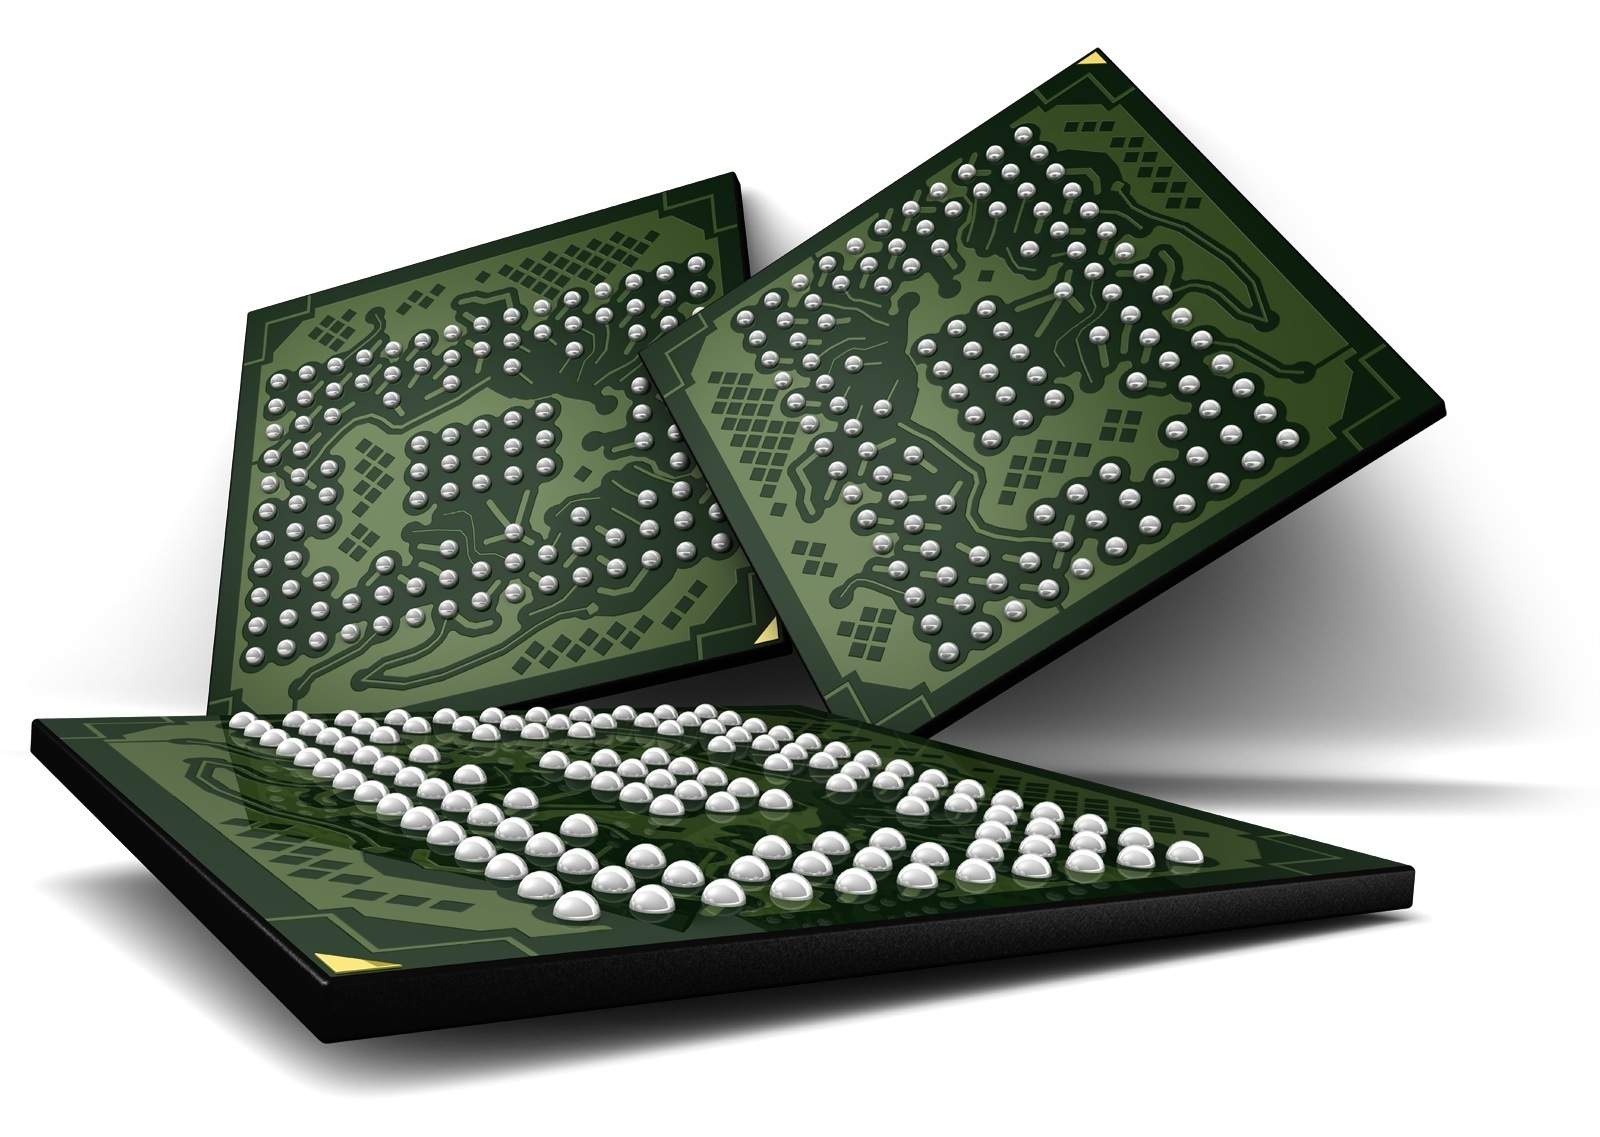 IBM mostra nova geração de memórias flash 275 vezes mais rápida que atual